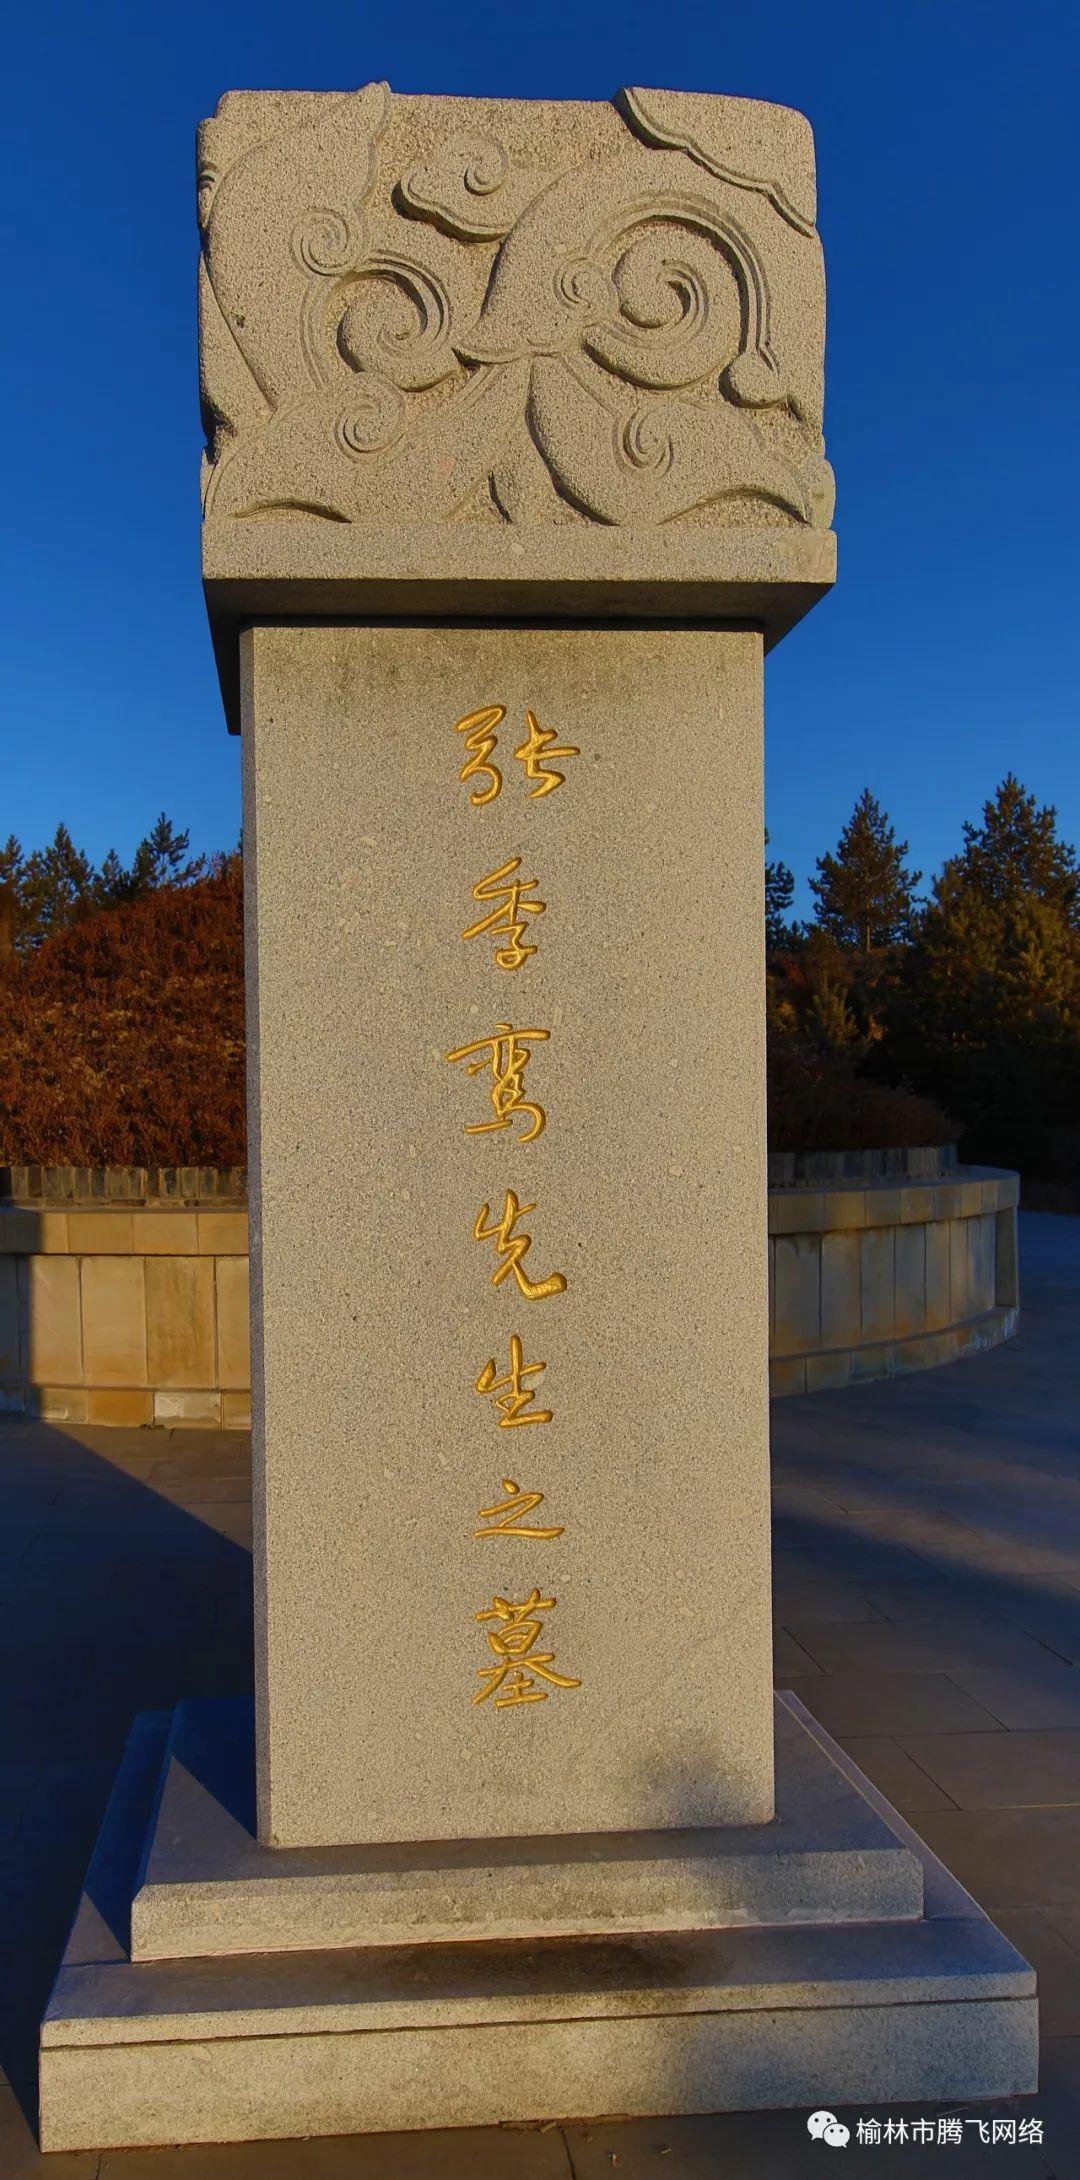 石家庄天安堂纪念园|天安堂纪念园|天安堂纪念园电话